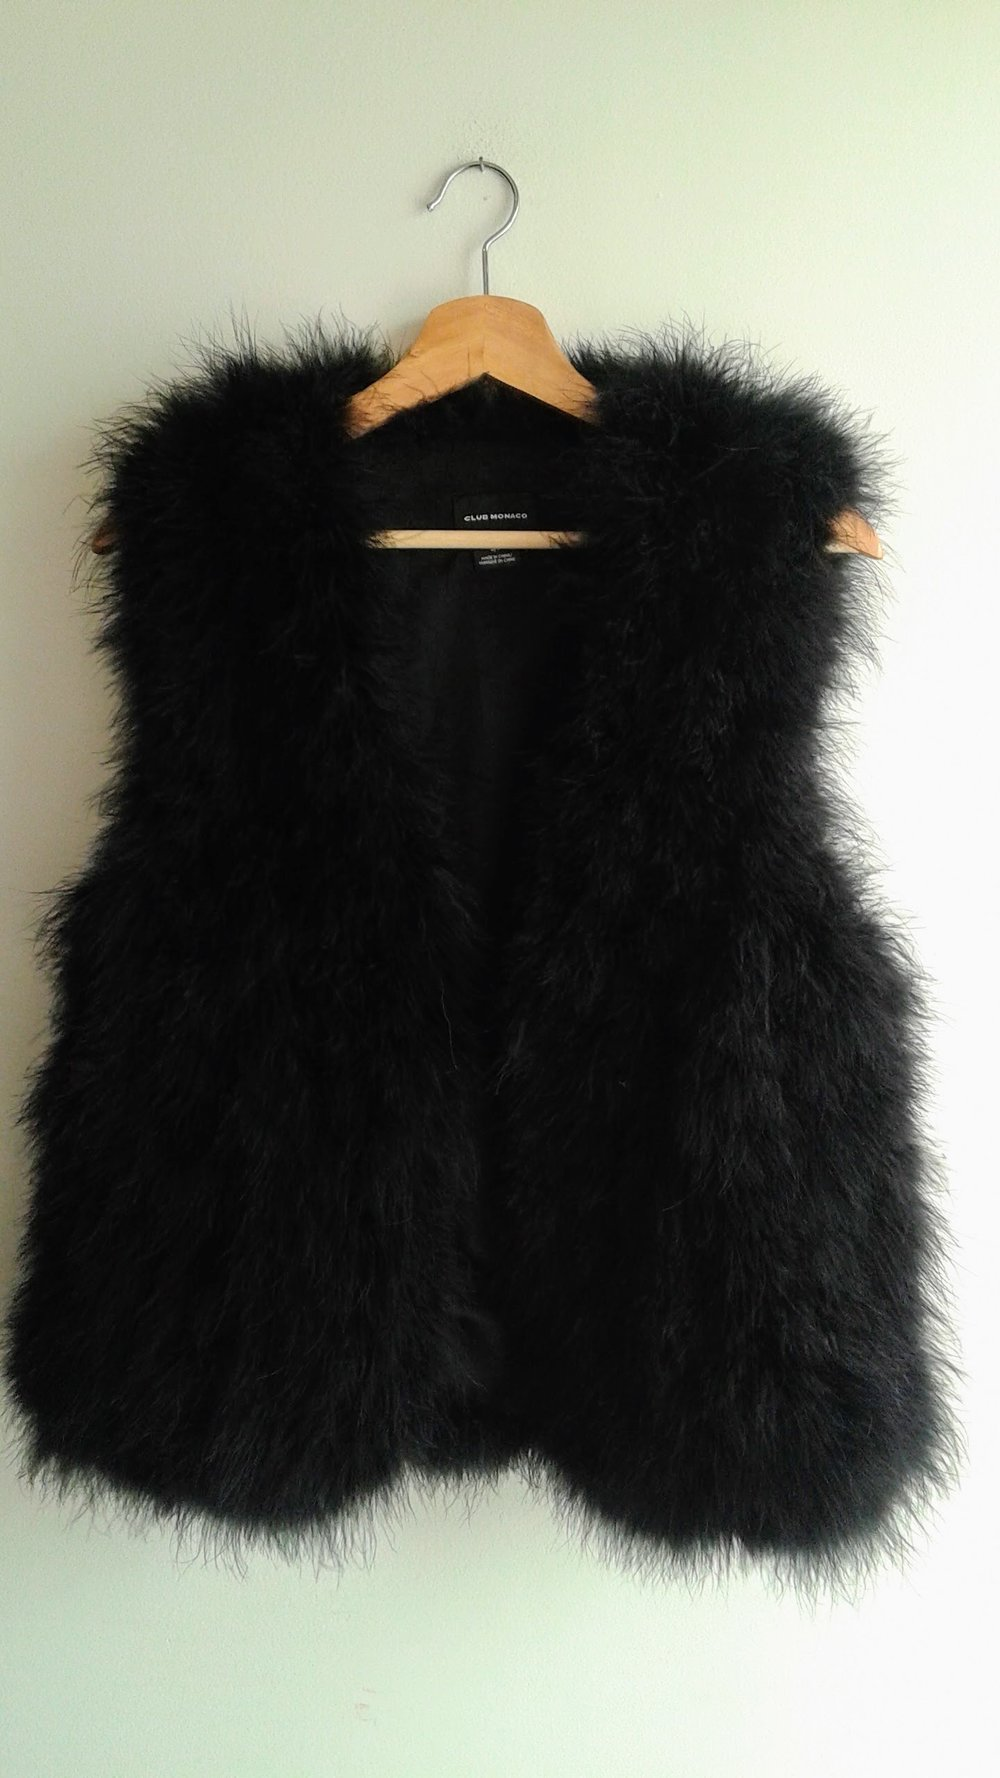 Club Monaco vest; Size S, $85